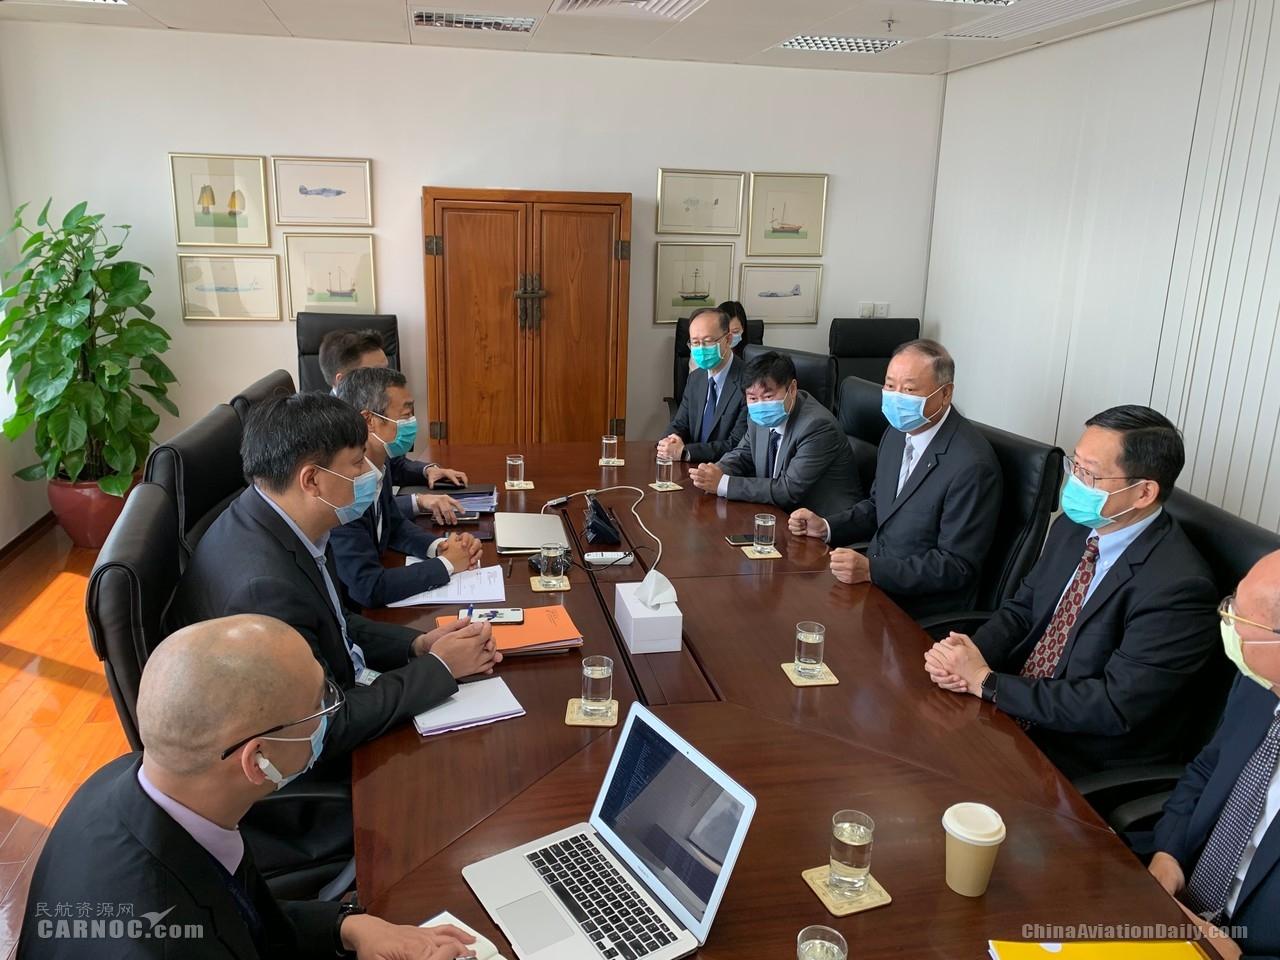 澳门机场执行委员会成员拜访澳门民航局 加速民航业发展助推旅游